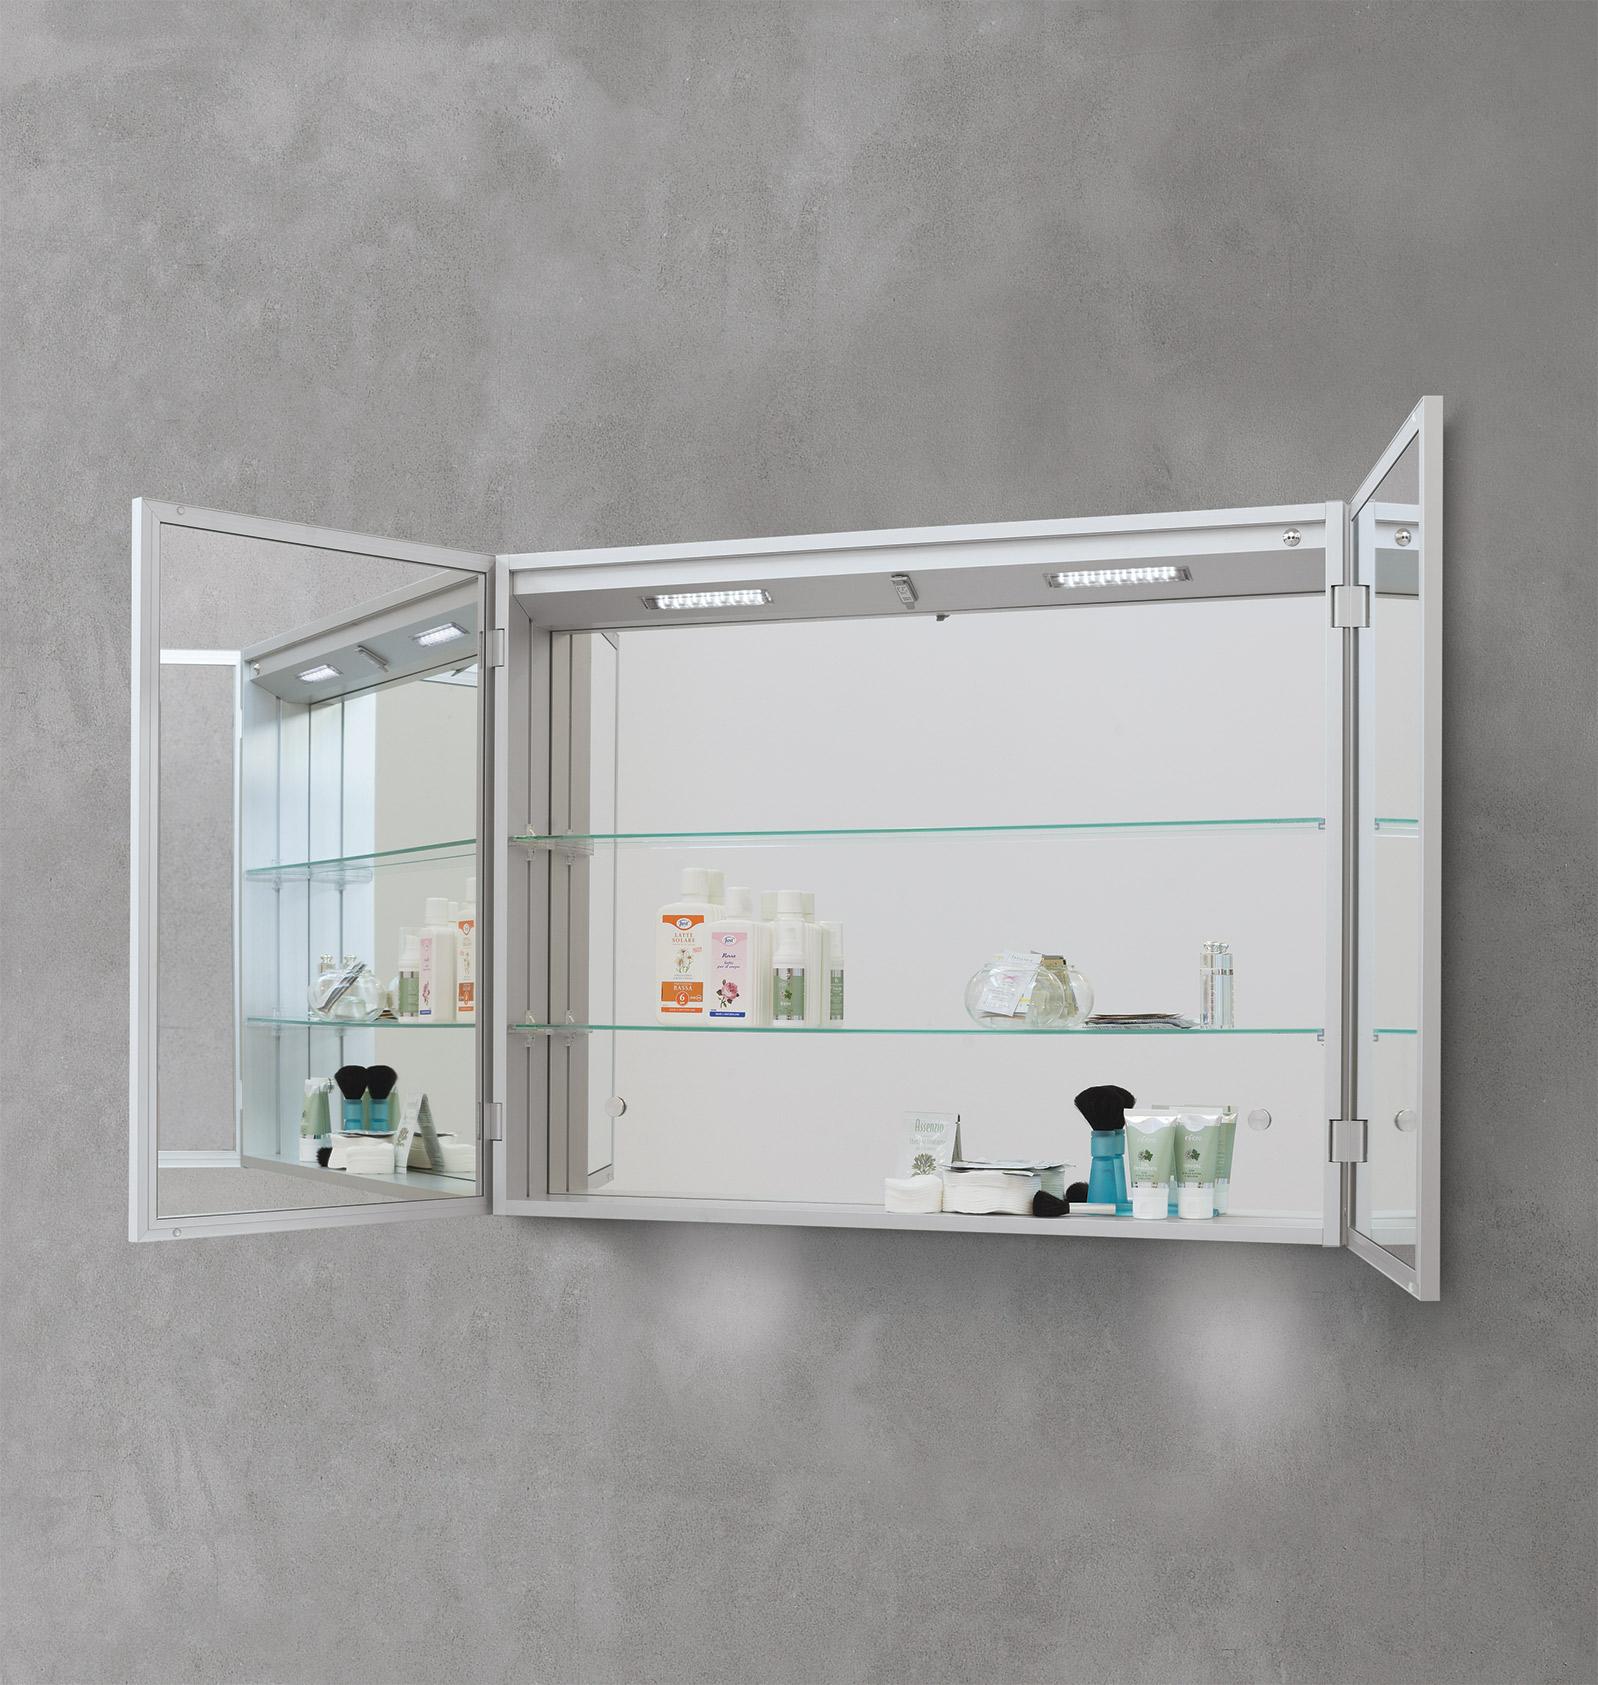 Specchiere vanita 39 casa lo spazio ritrovato for Specchio bagno contenitore